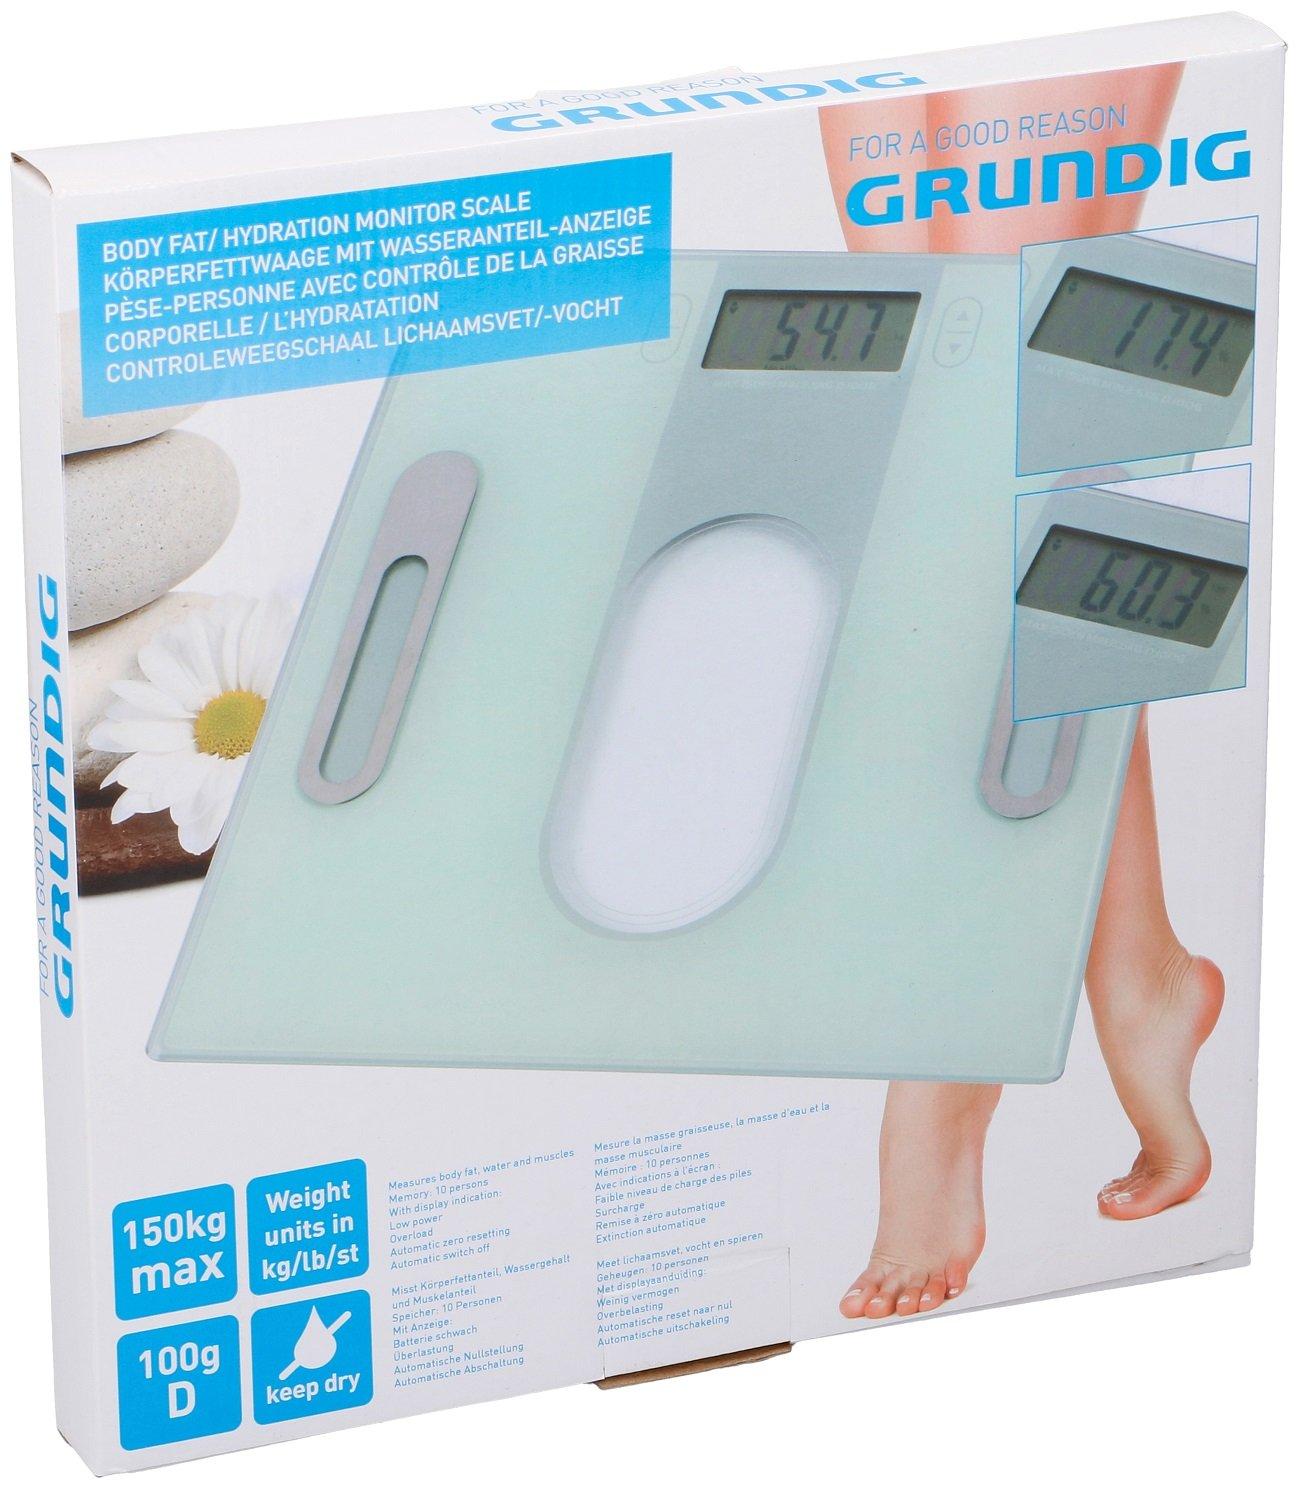 Báscula Báscula 30 x 40 x 2 cm Grundig: Amazon.es: Salud y cuidado personal